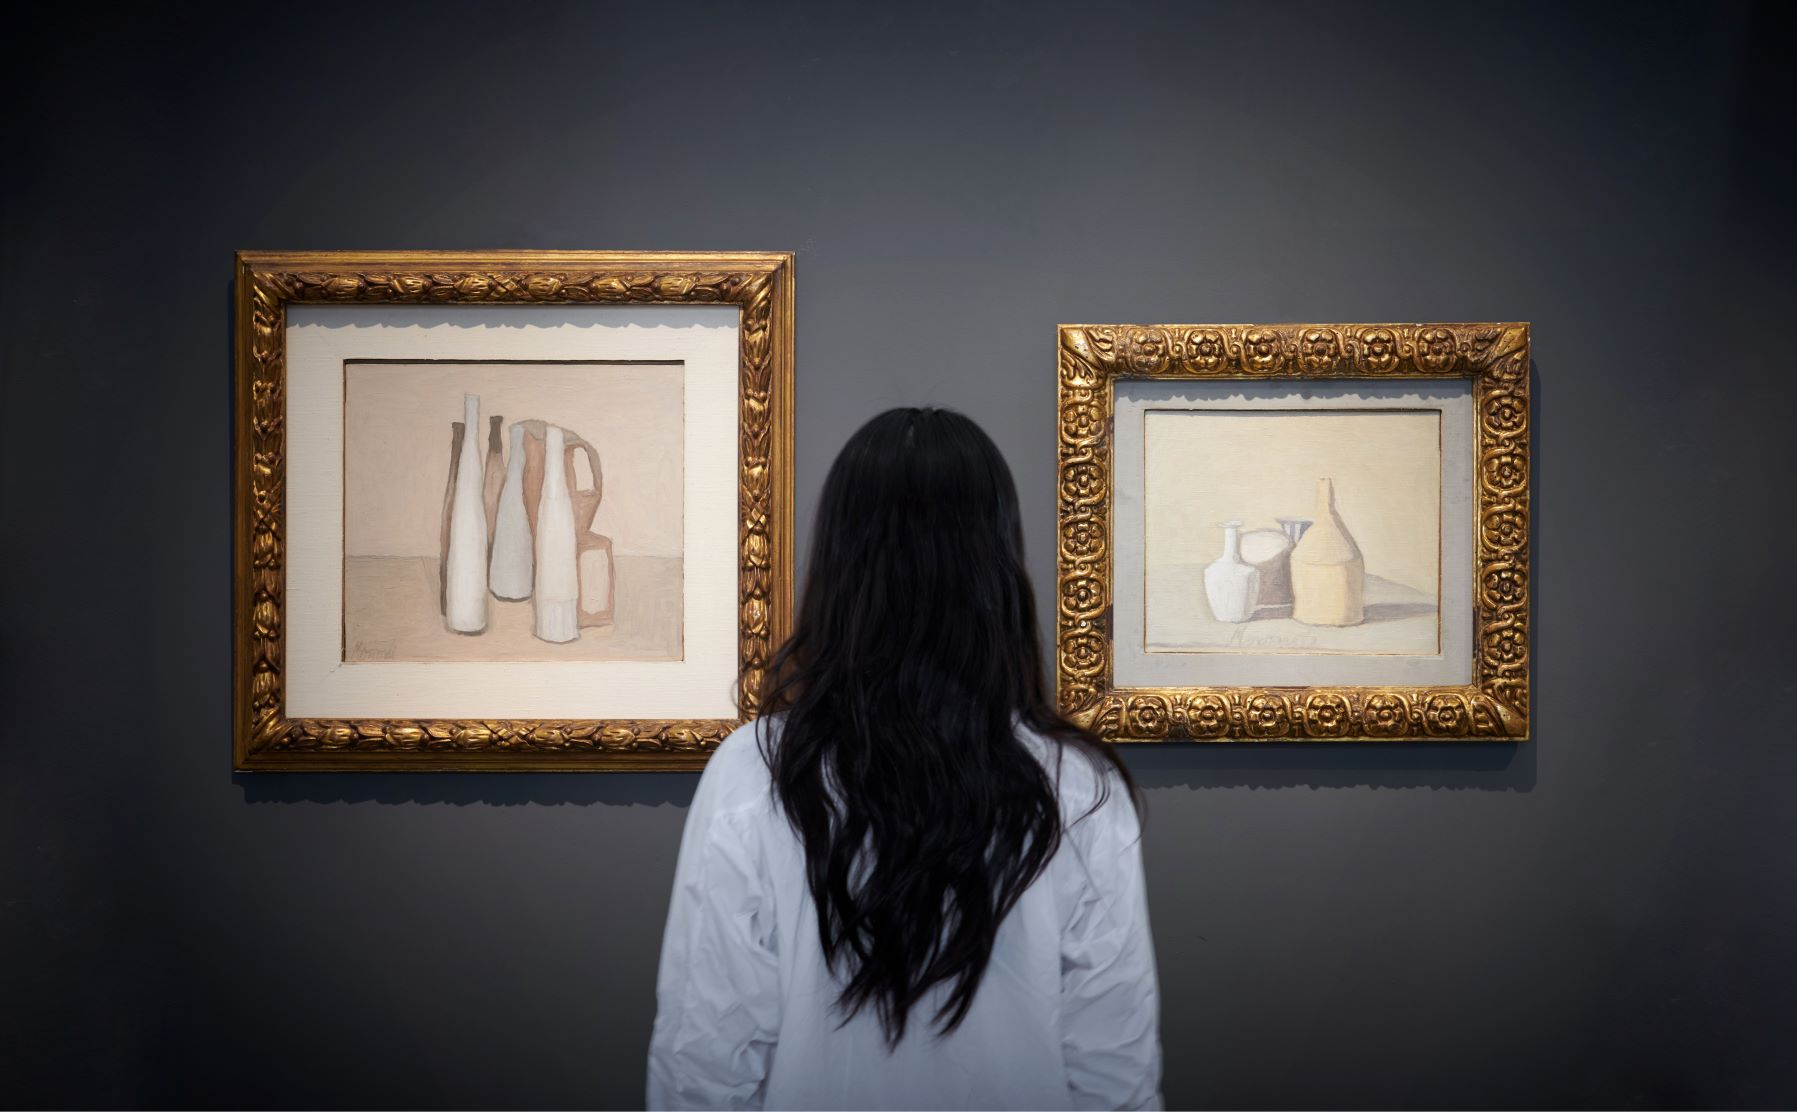 Dalla coppia di Morandi alla Combustione plastica di Burri. La Contemporary di Sotheby's Milano, unica asta internazionale del semestre italiano